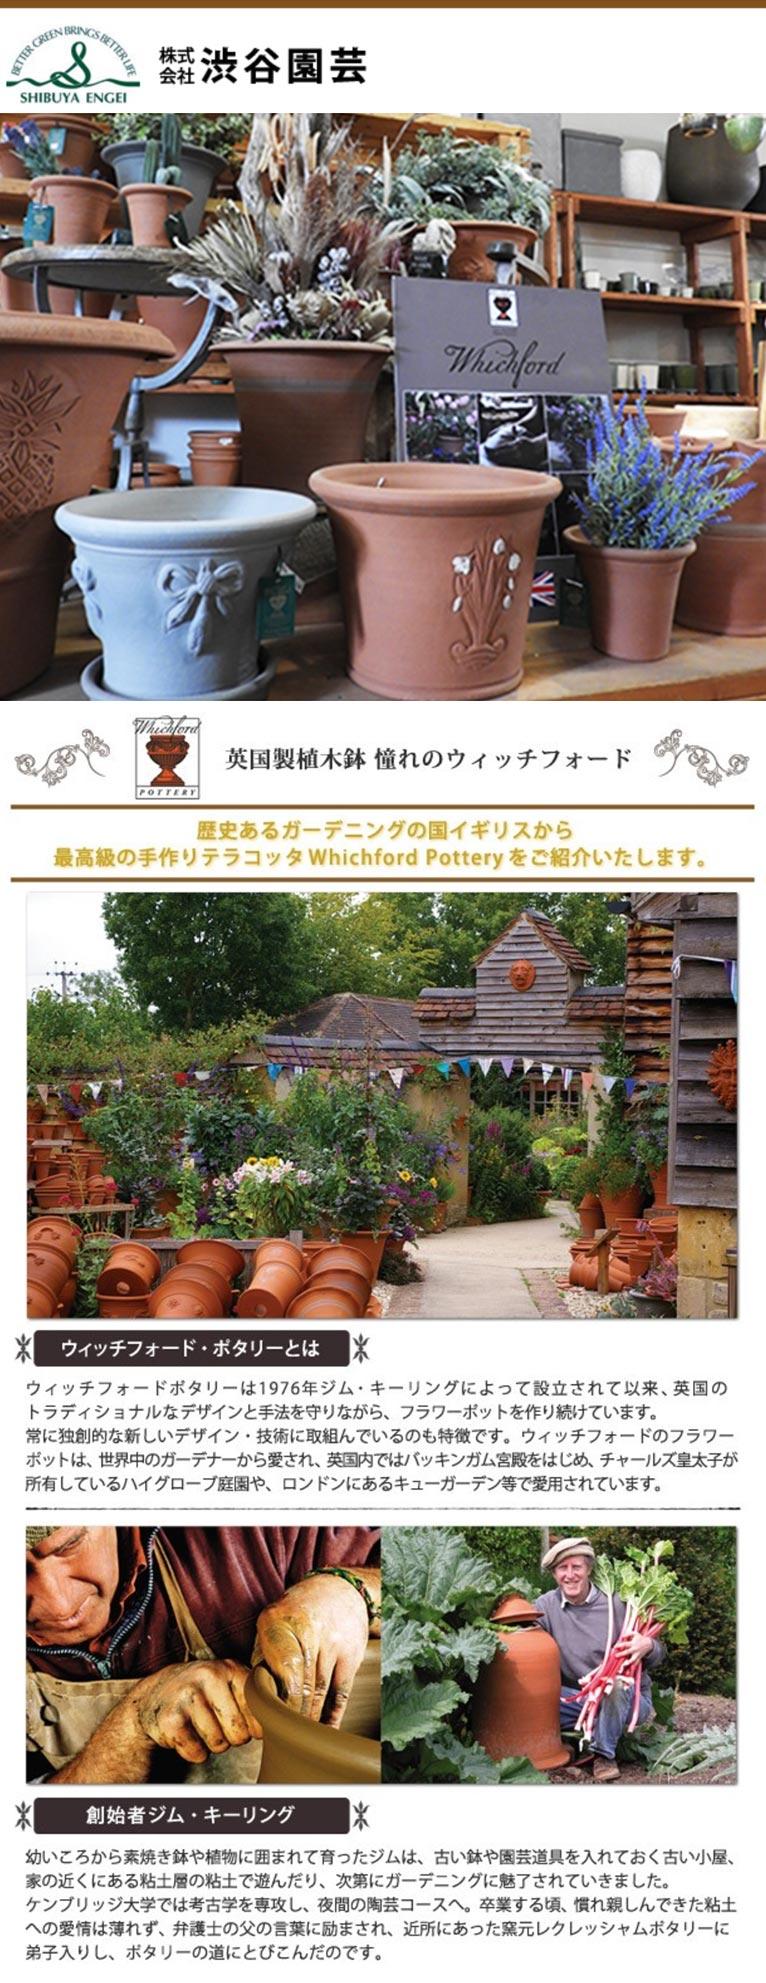 ウィッチフォード製植木鉢の卸売サイトOPEN!株式会社 渋谷園芸